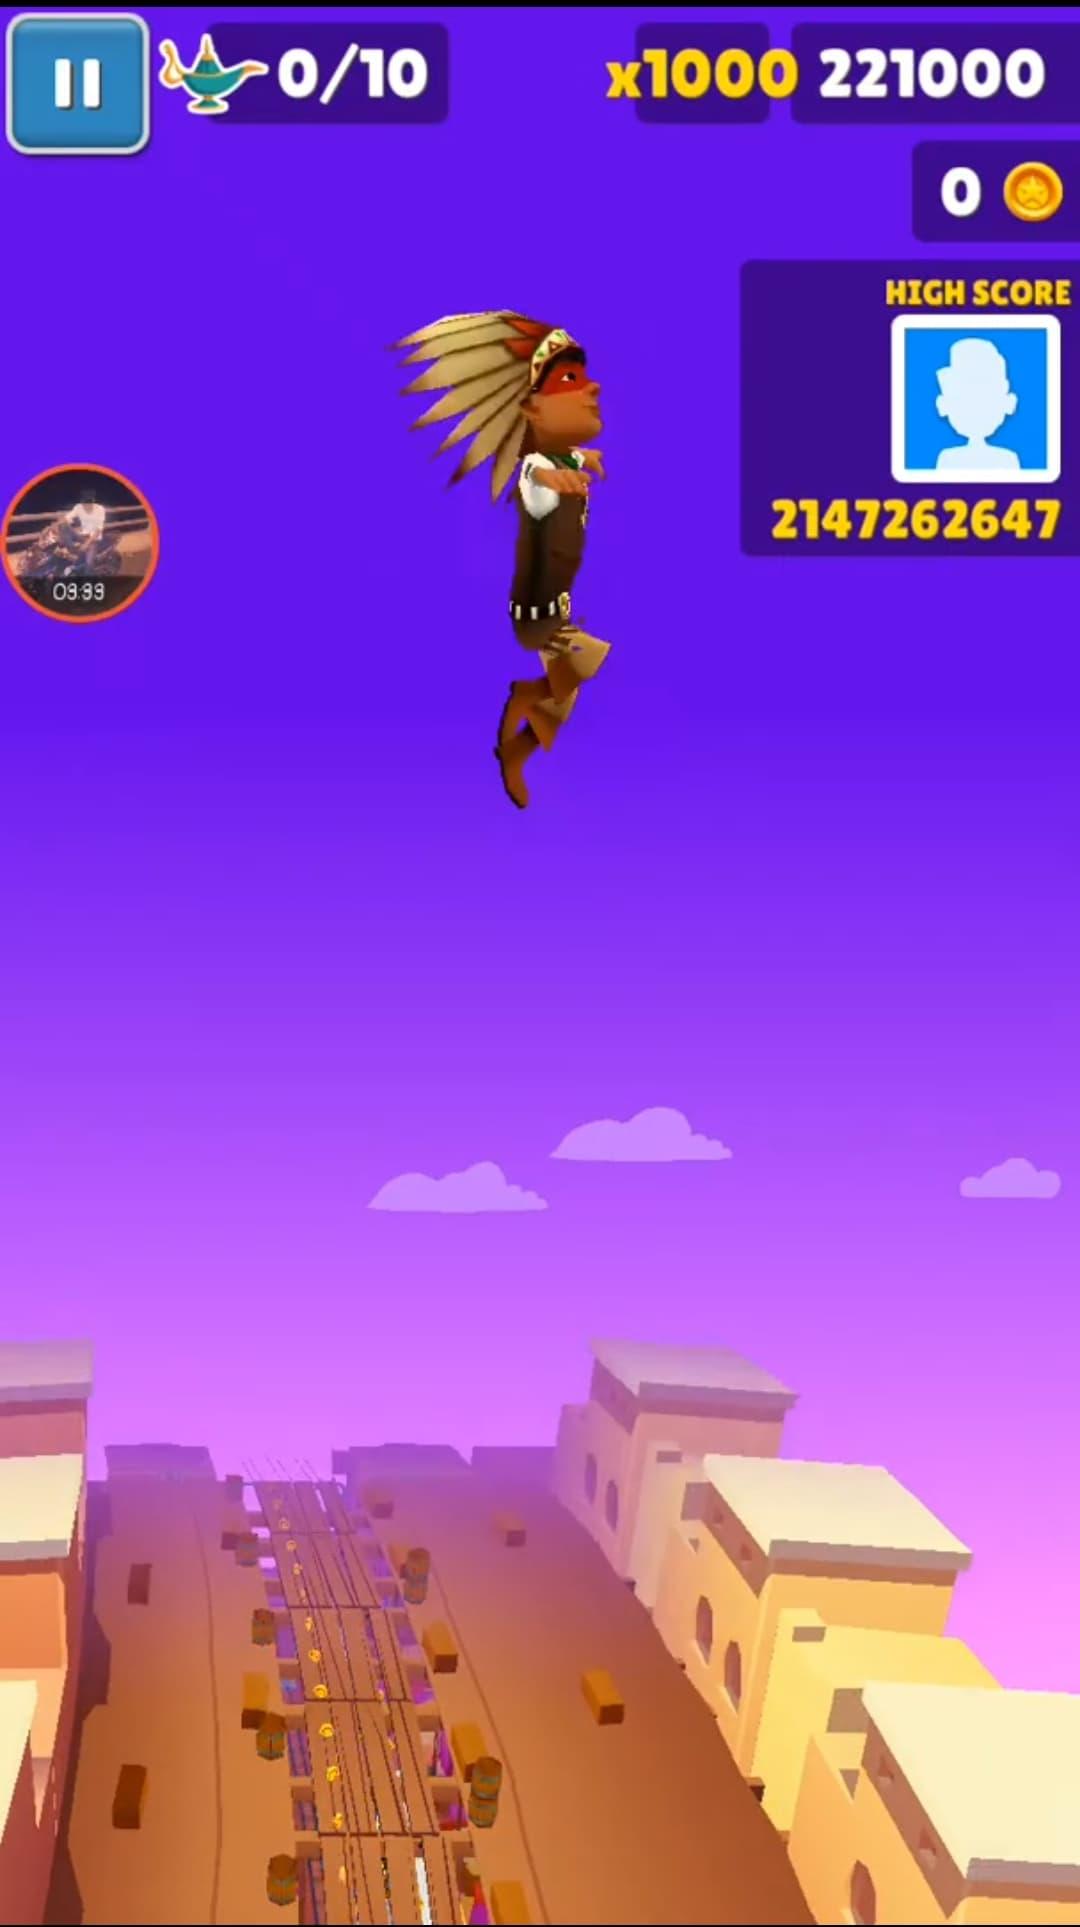 Nhân vật bay lên cao và tăng điểm nhanh chóng